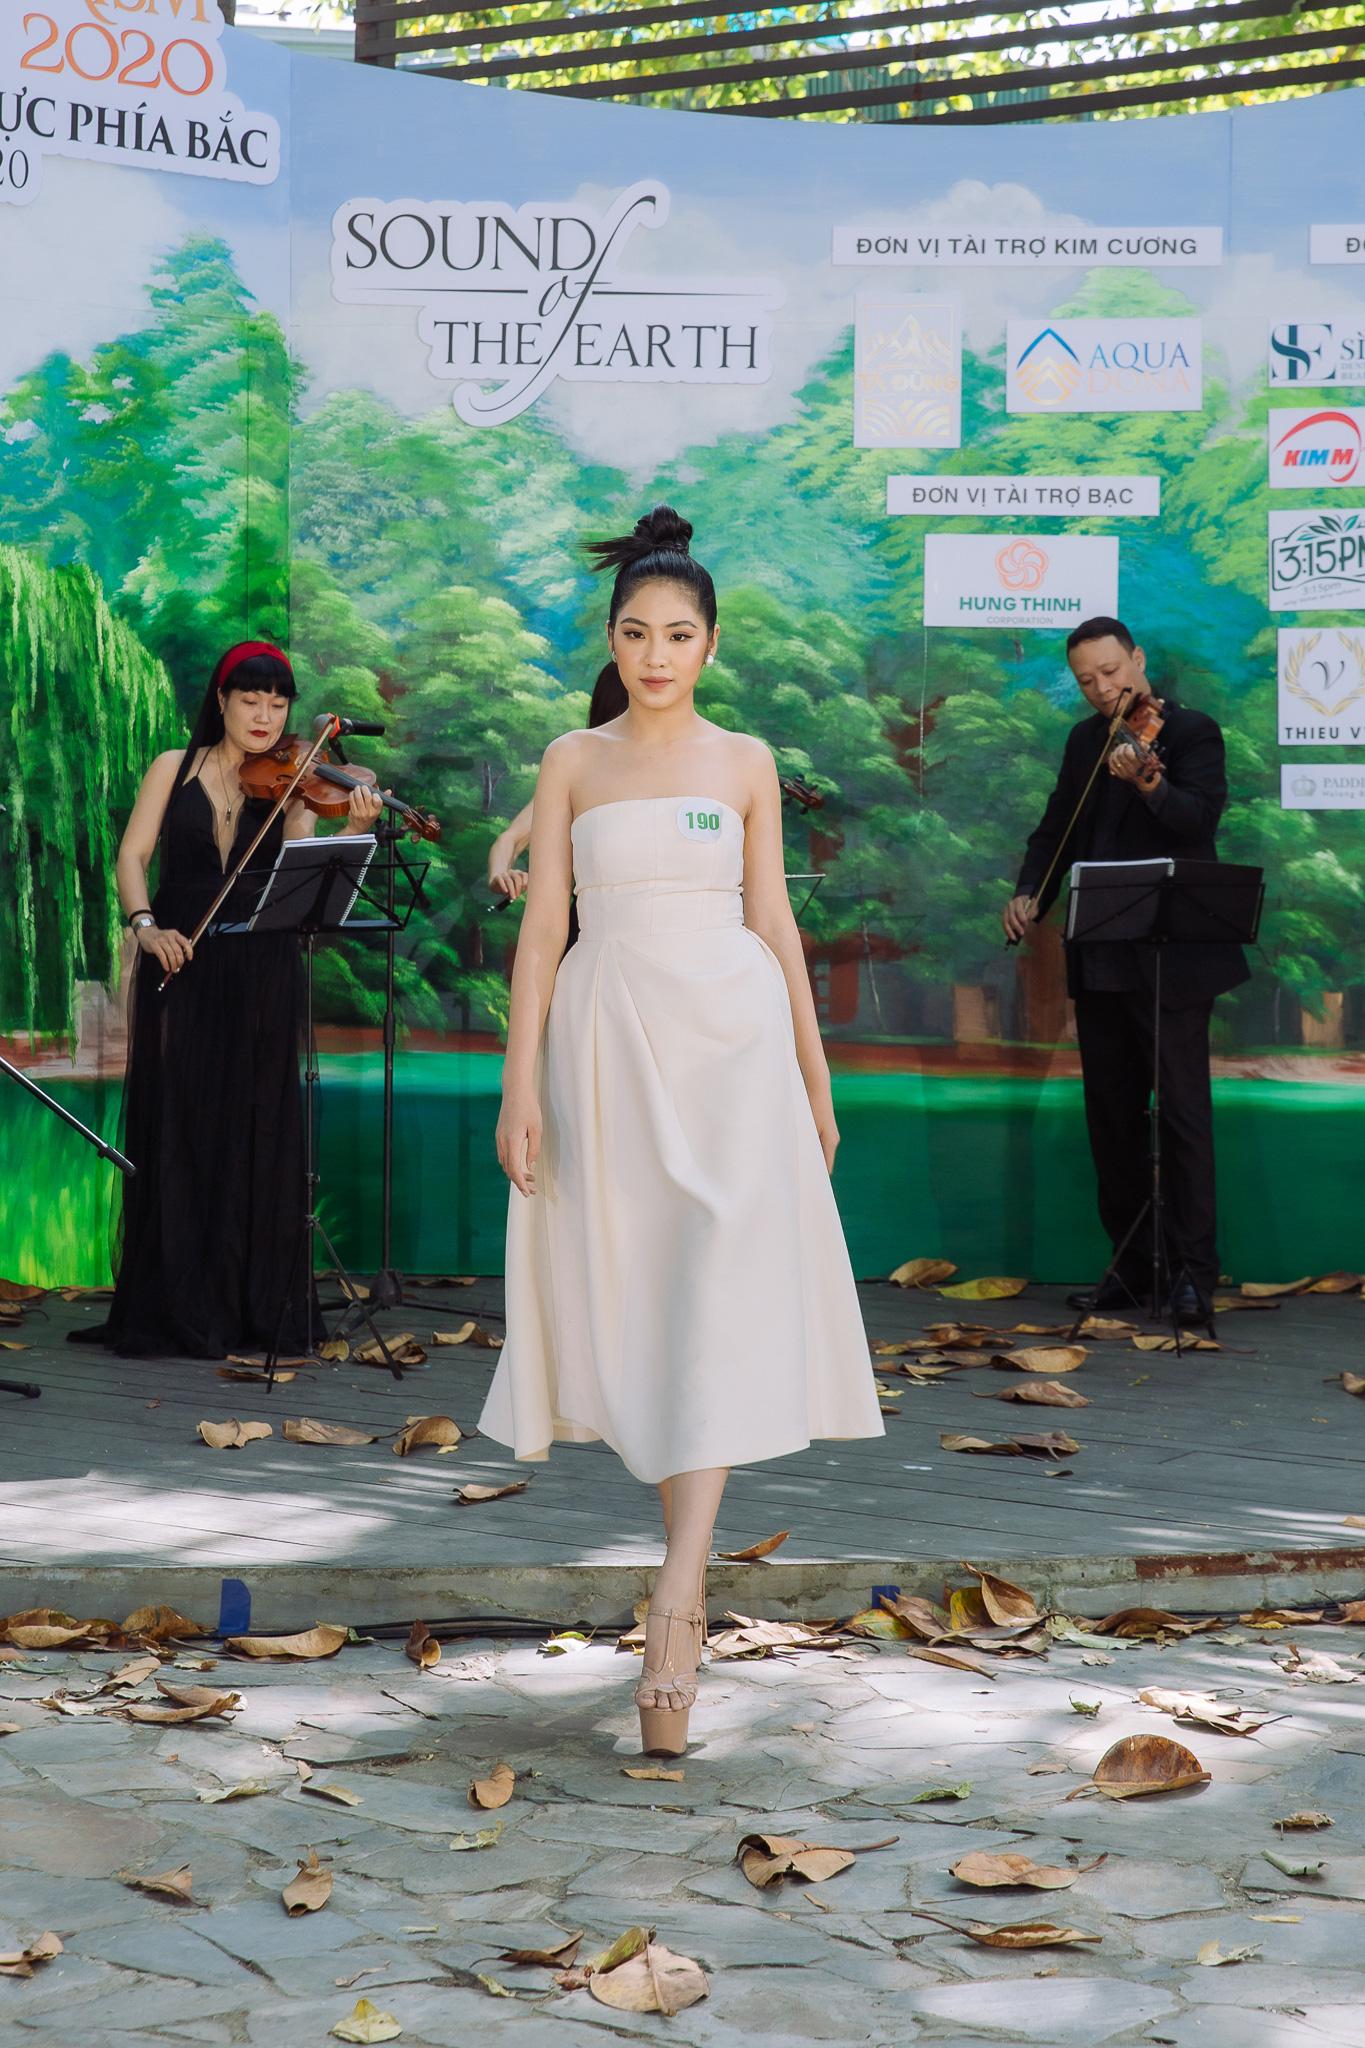 Hoa hậu Khánh Ngân và Ngọc Hân cùng làm ban giám khảo Miss Tourism Vietnam 2020 - Ảnh 7.